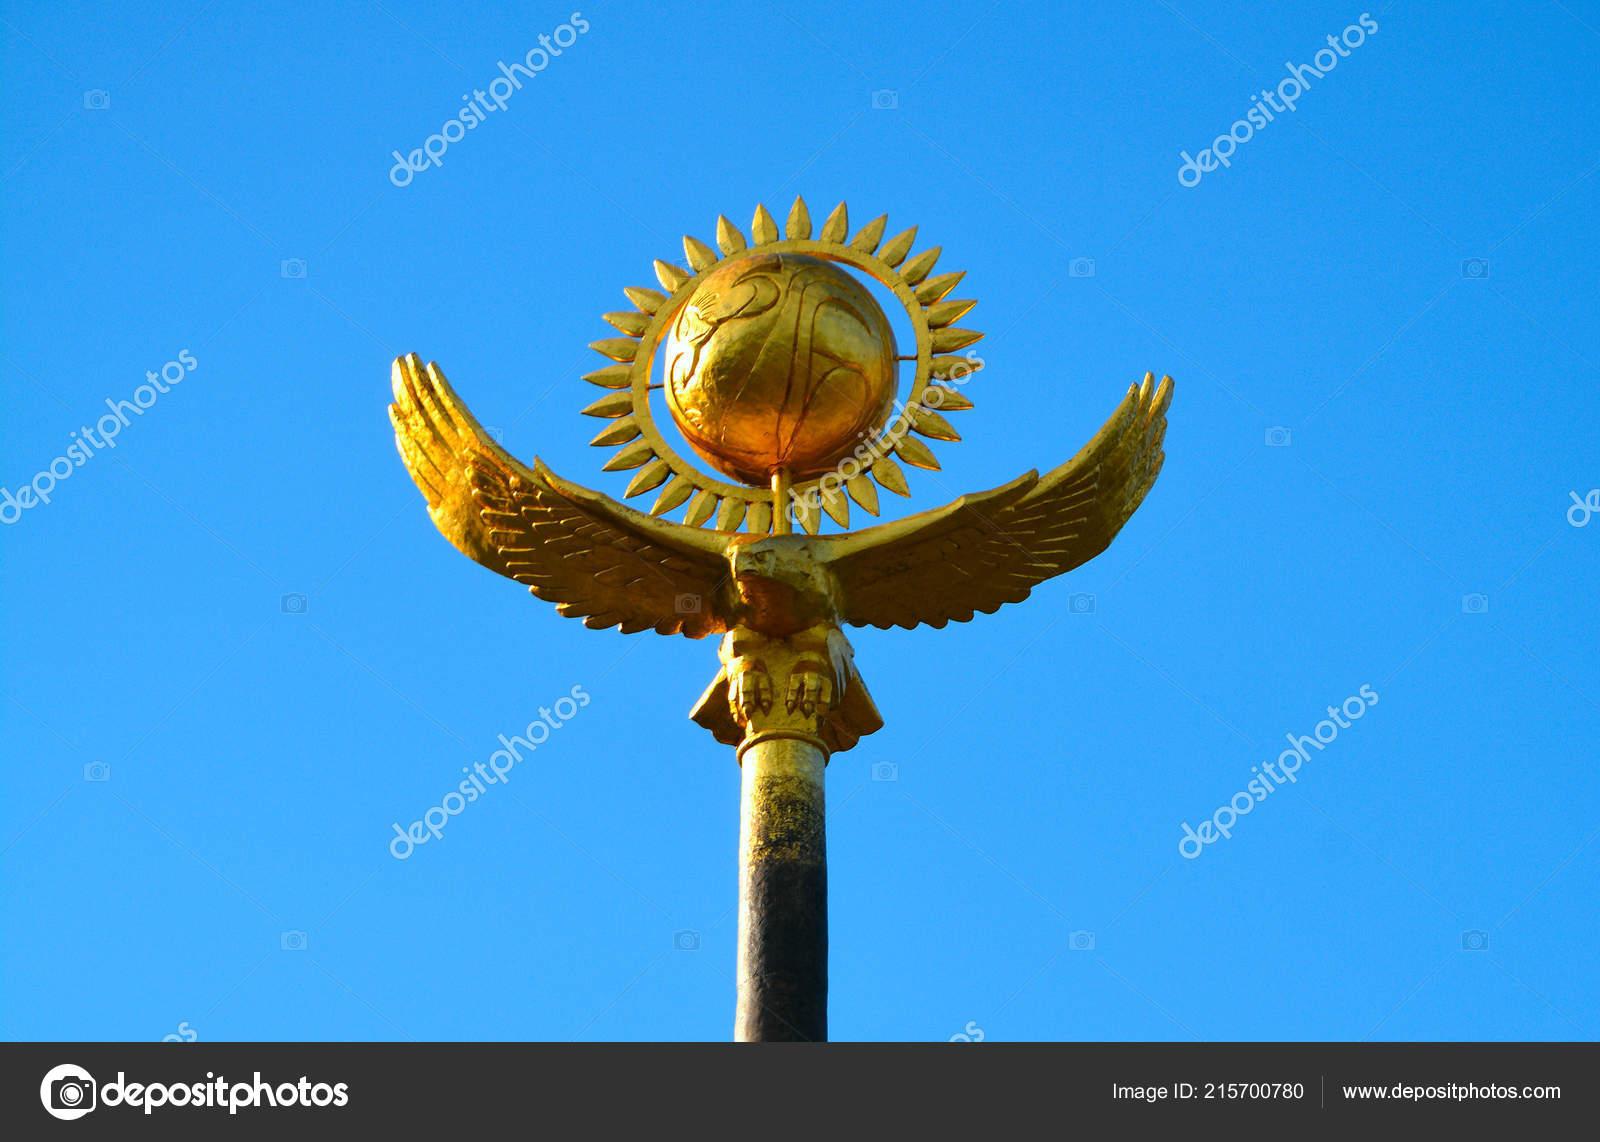 Фото символики крестоносцев узнать